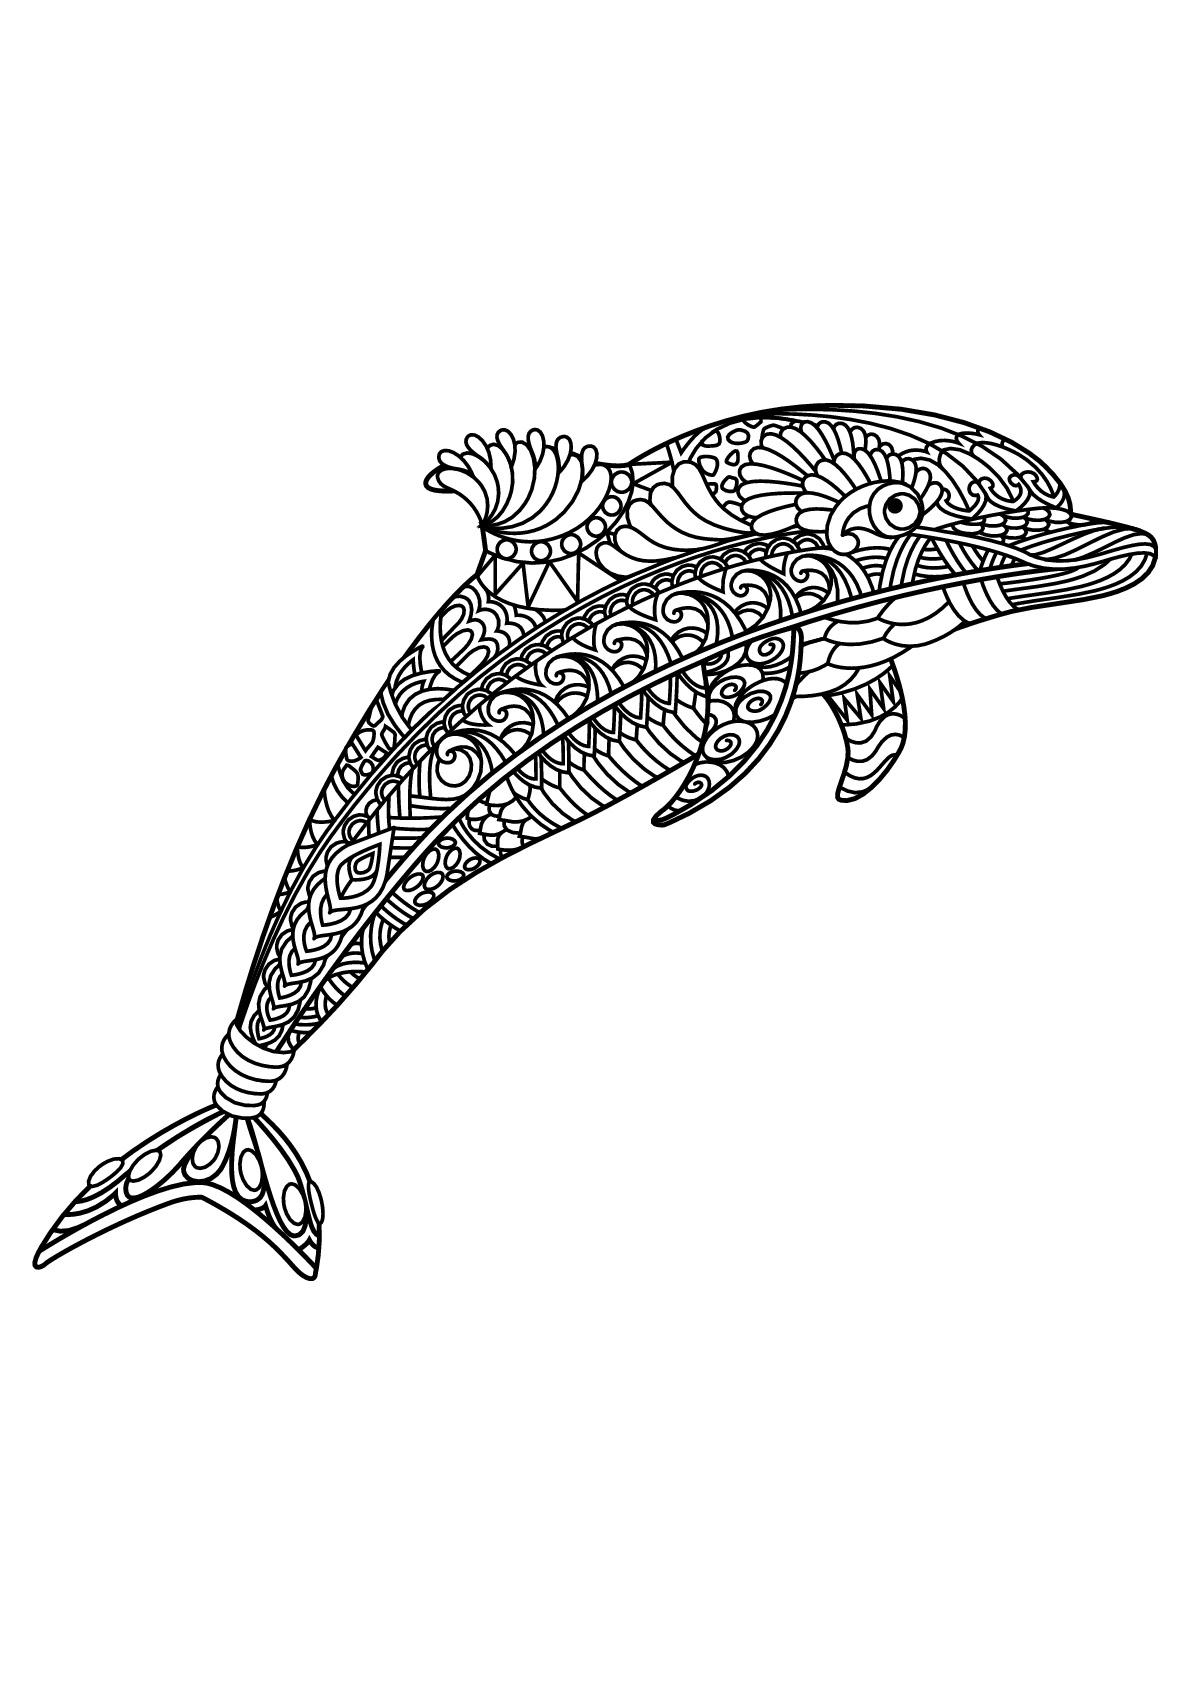 Delfine 48109 - Delfine - Malbuch Fur Erwachsene für Delfin Ausmalbilder Zum Ausdrucken